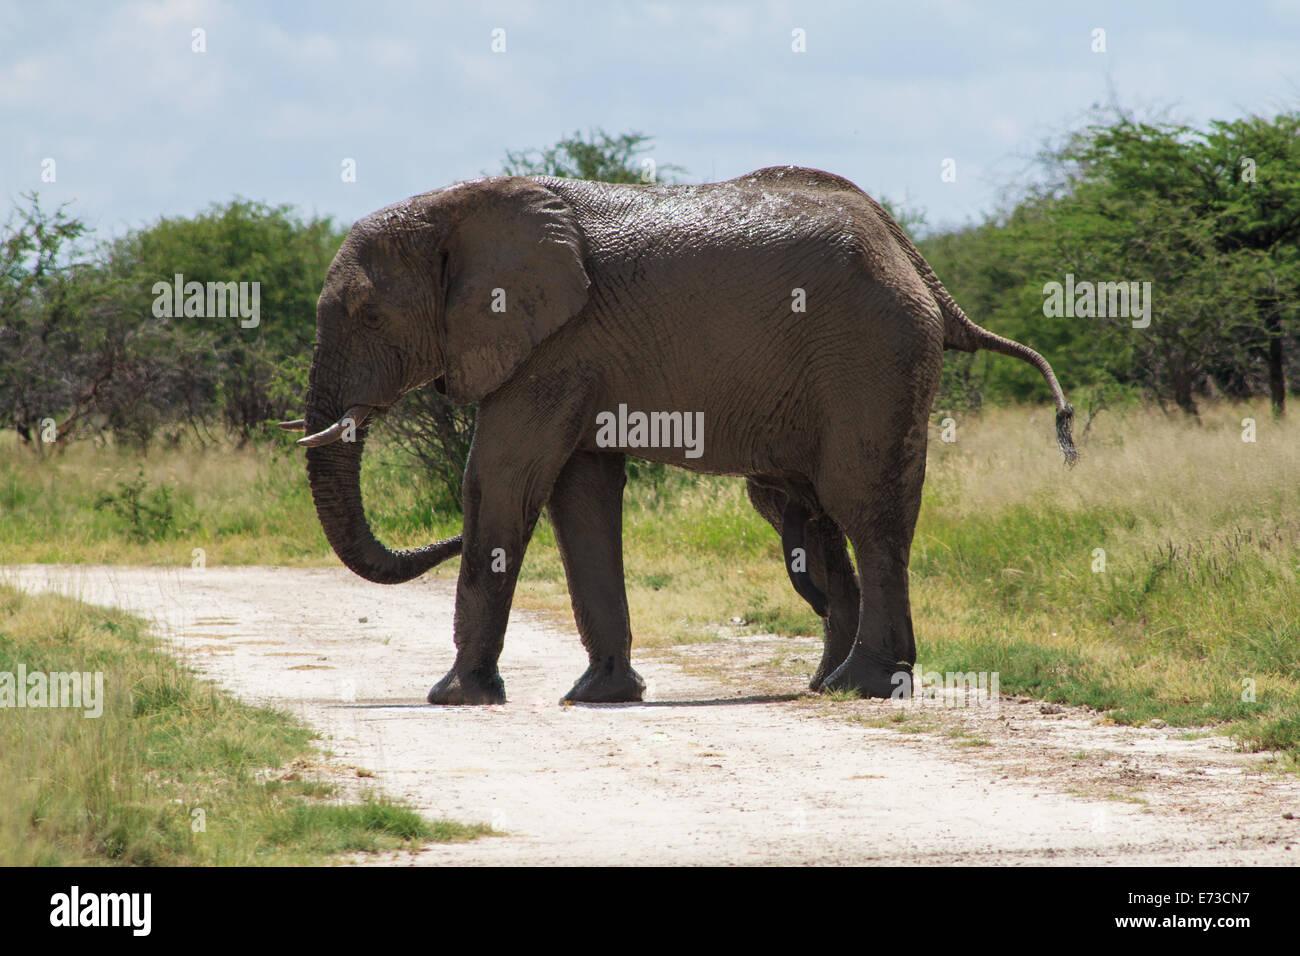 Adult male elephant crossing the road, Etosha National Park, Namibia - Stock Image